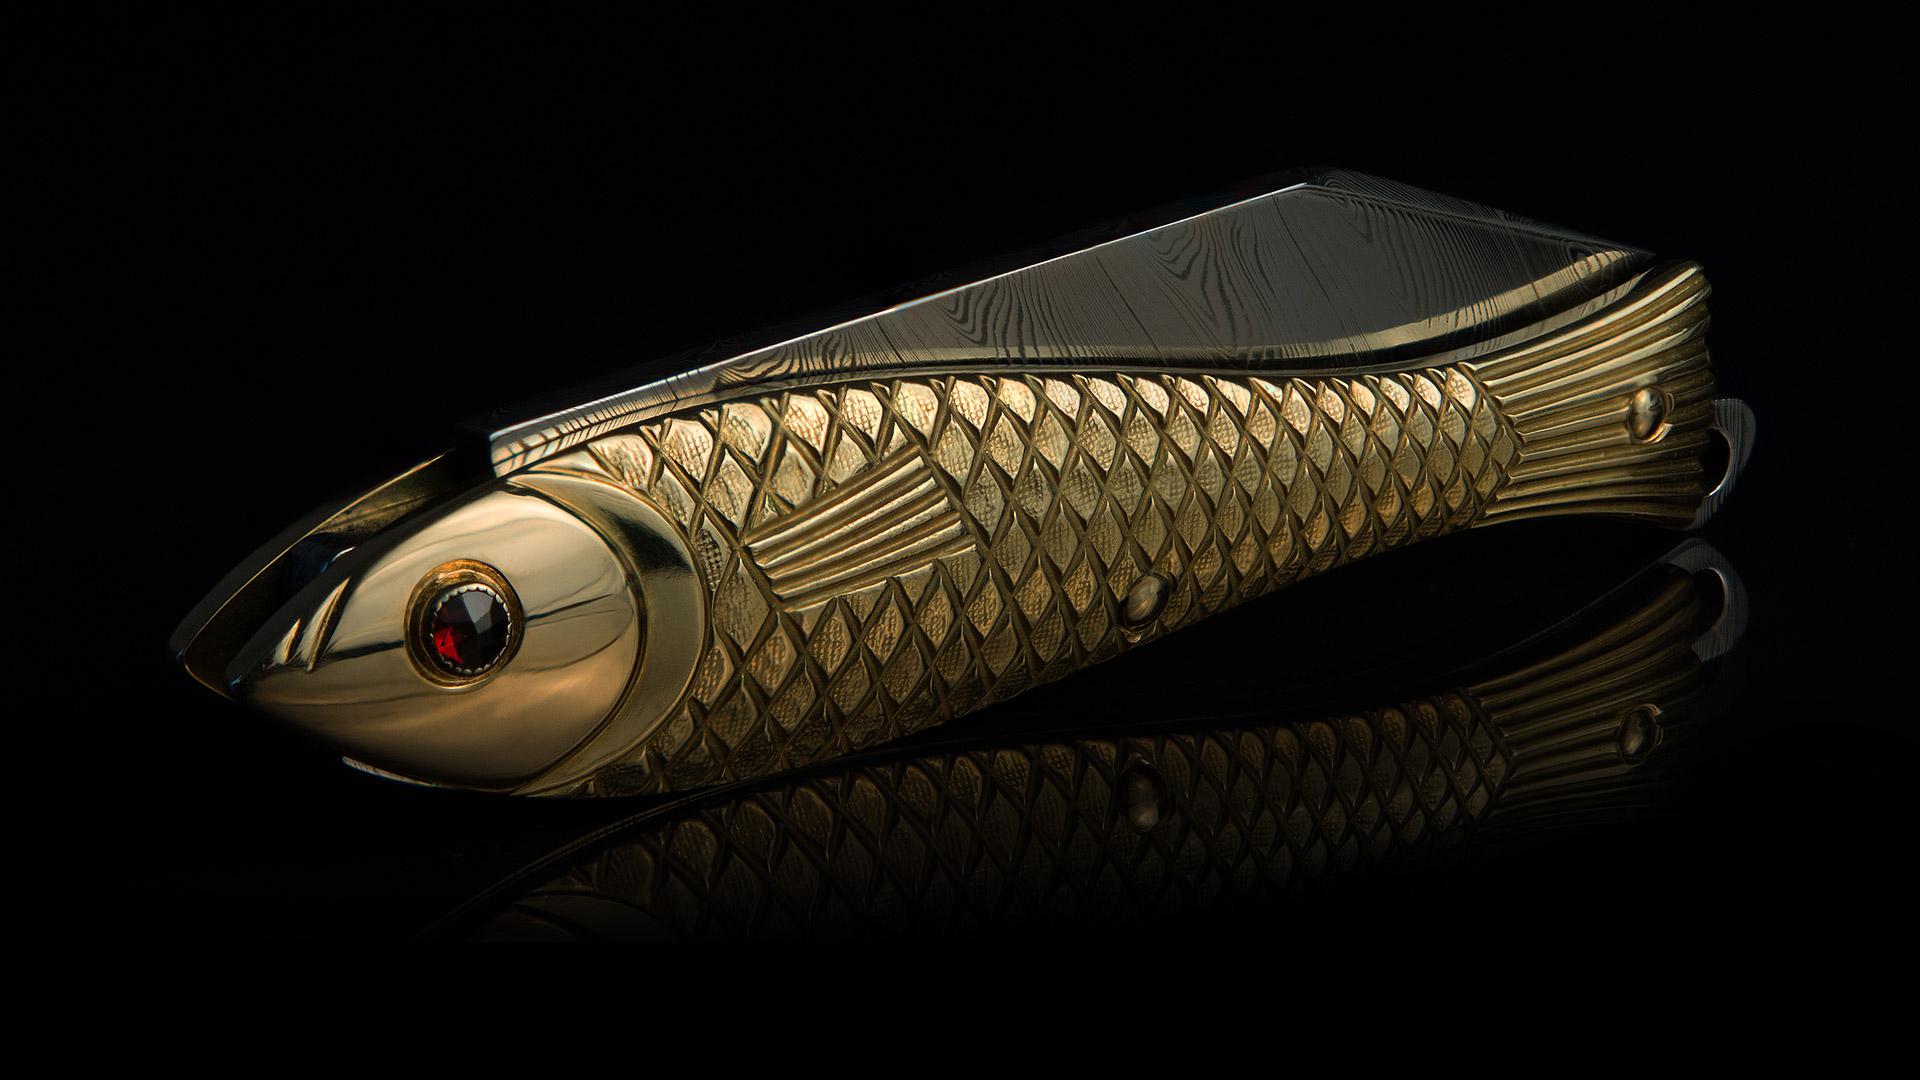 Limitované verze nože Rybička od Mikov. © Mikov